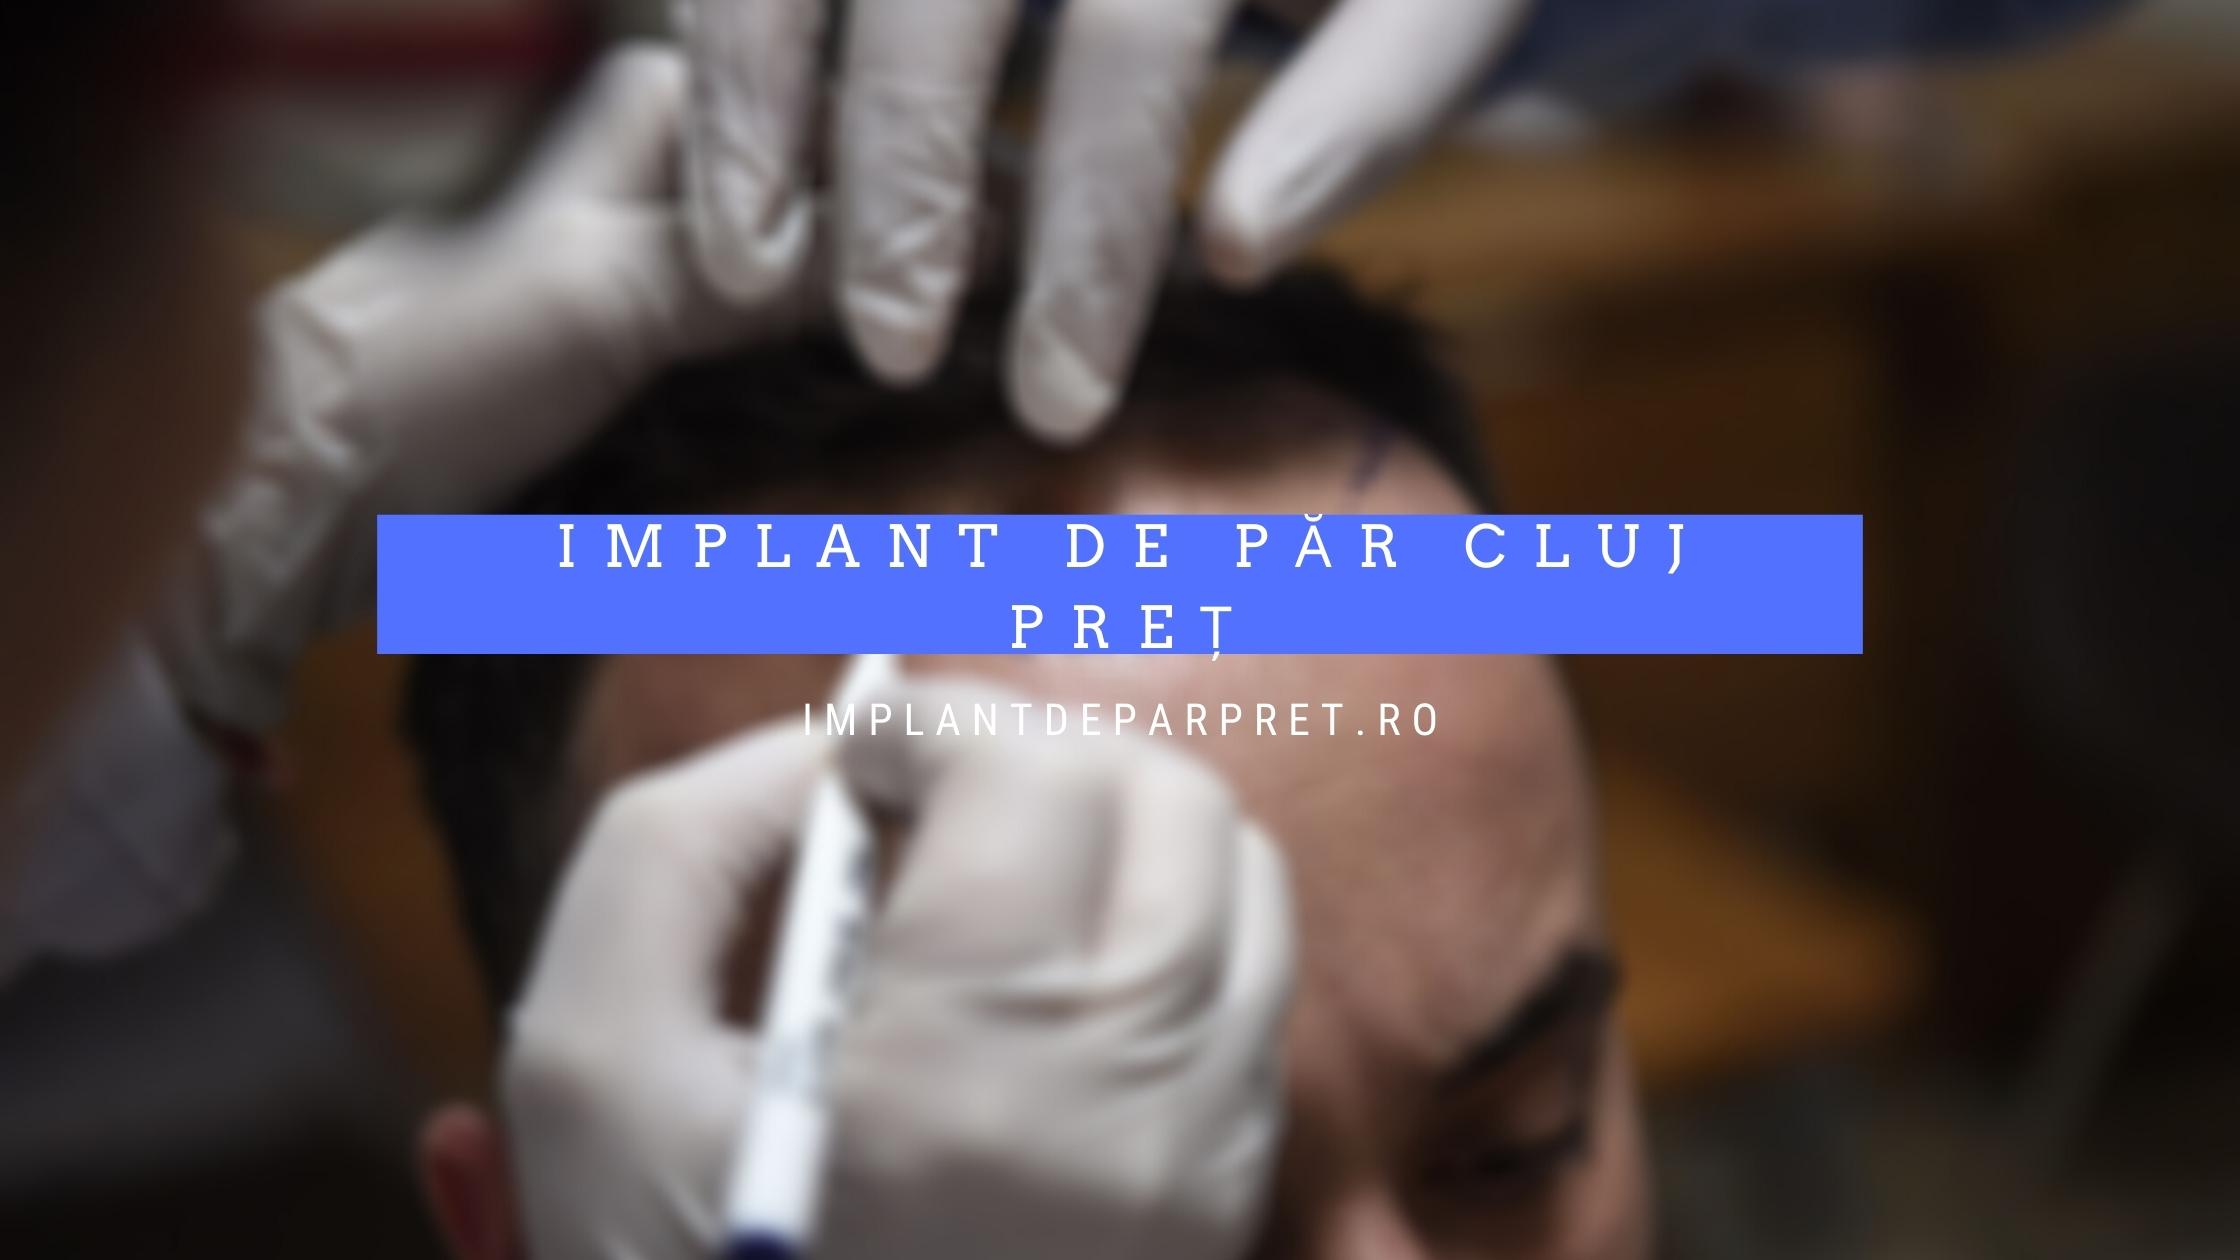 implant de par cluj pret